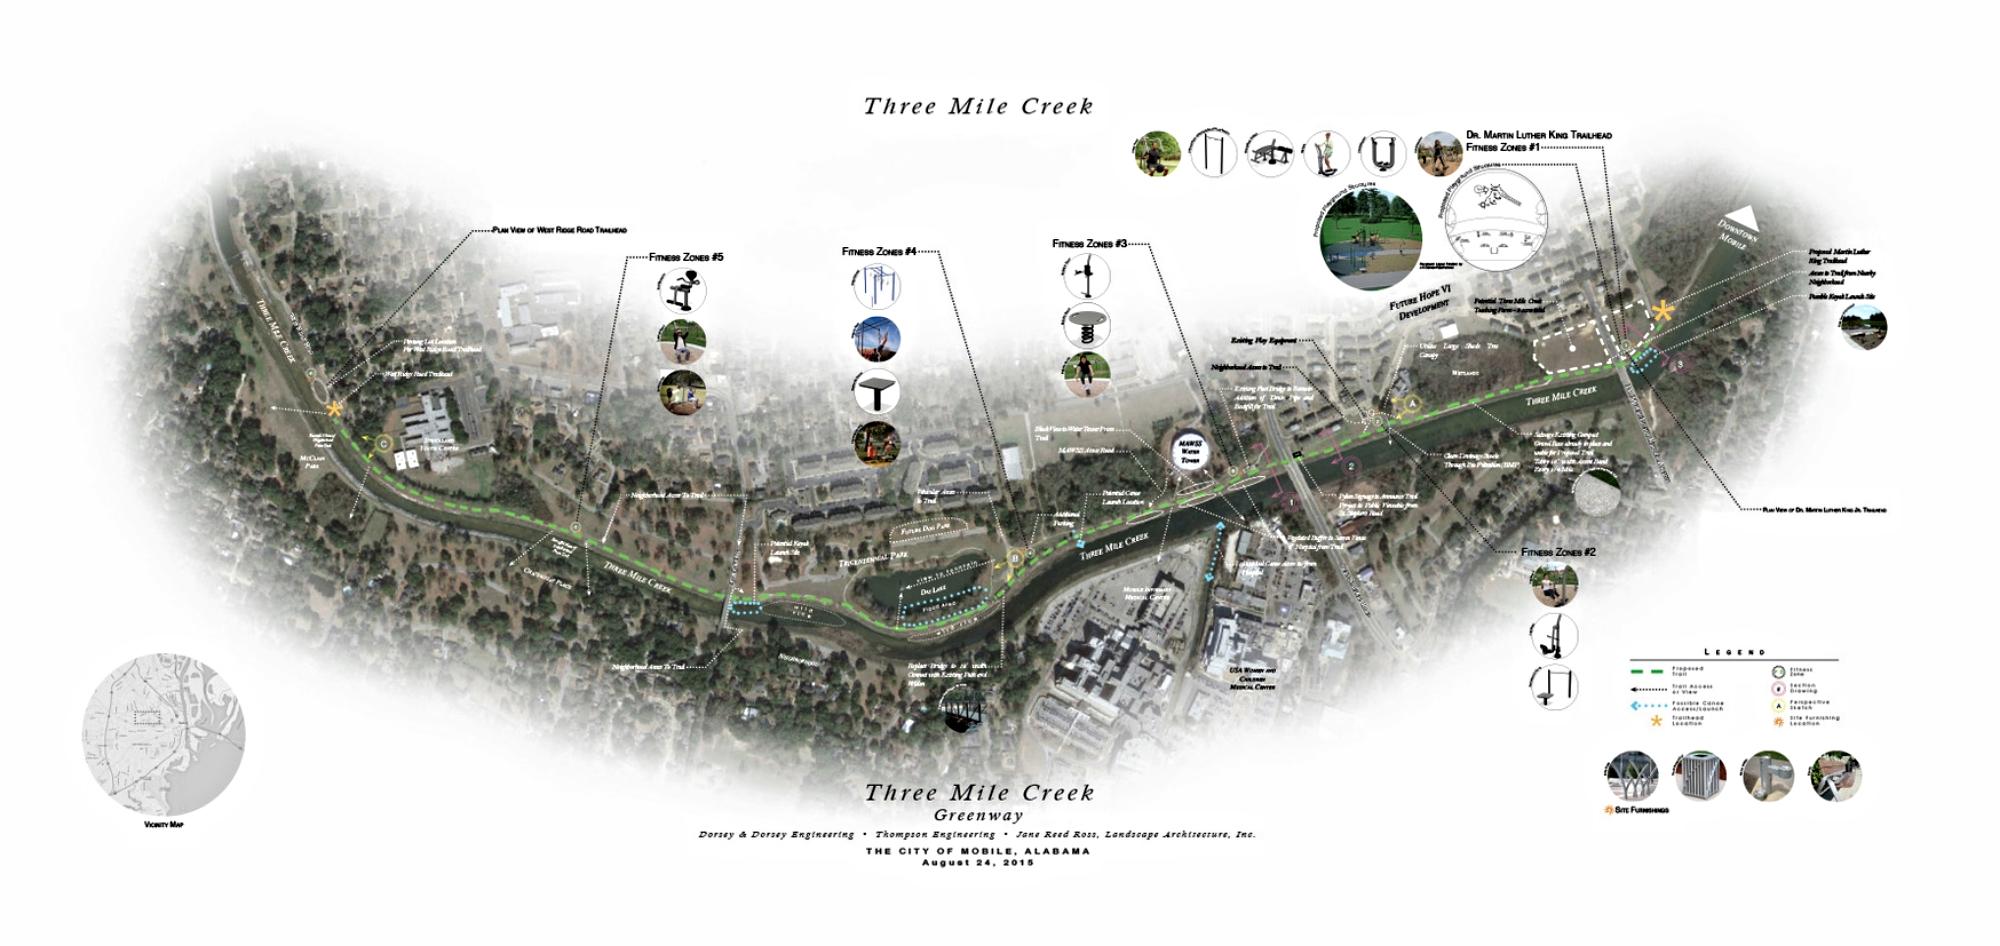 Proposed Three Mile Creek Greenway